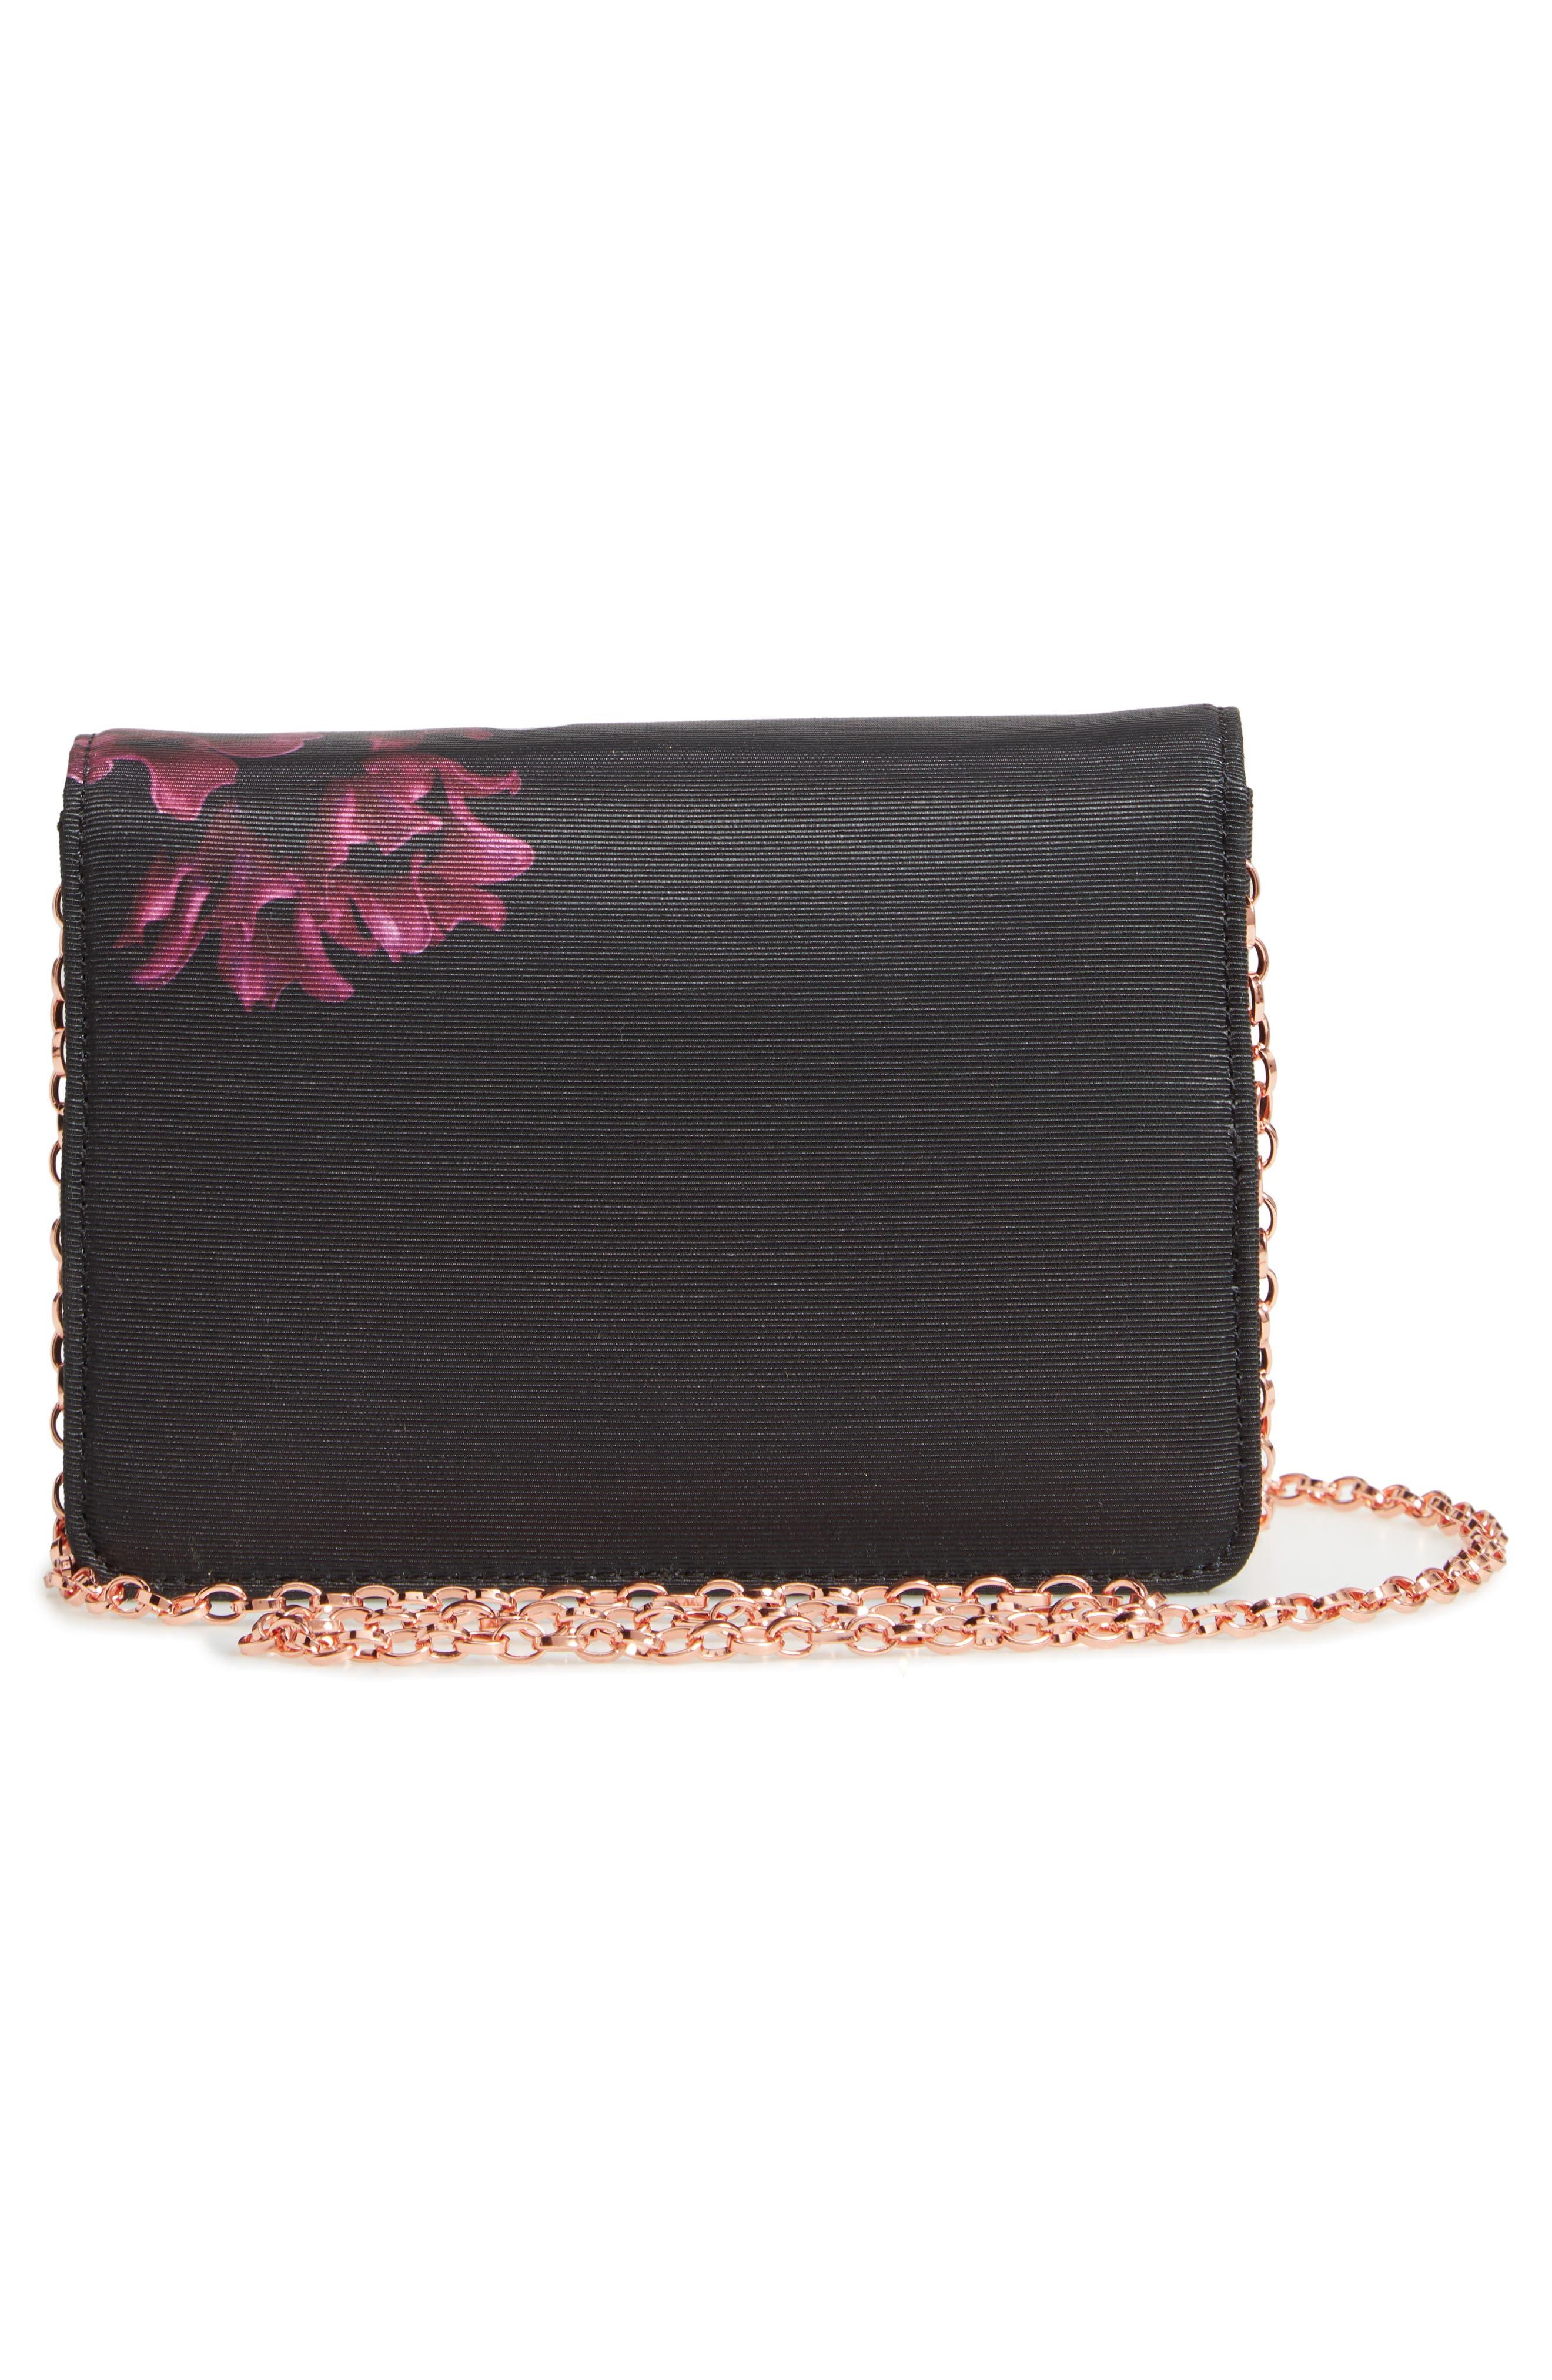 Splendour Mini Bow Evening Bag,                             Alternate thumbnail 3, color,                             001